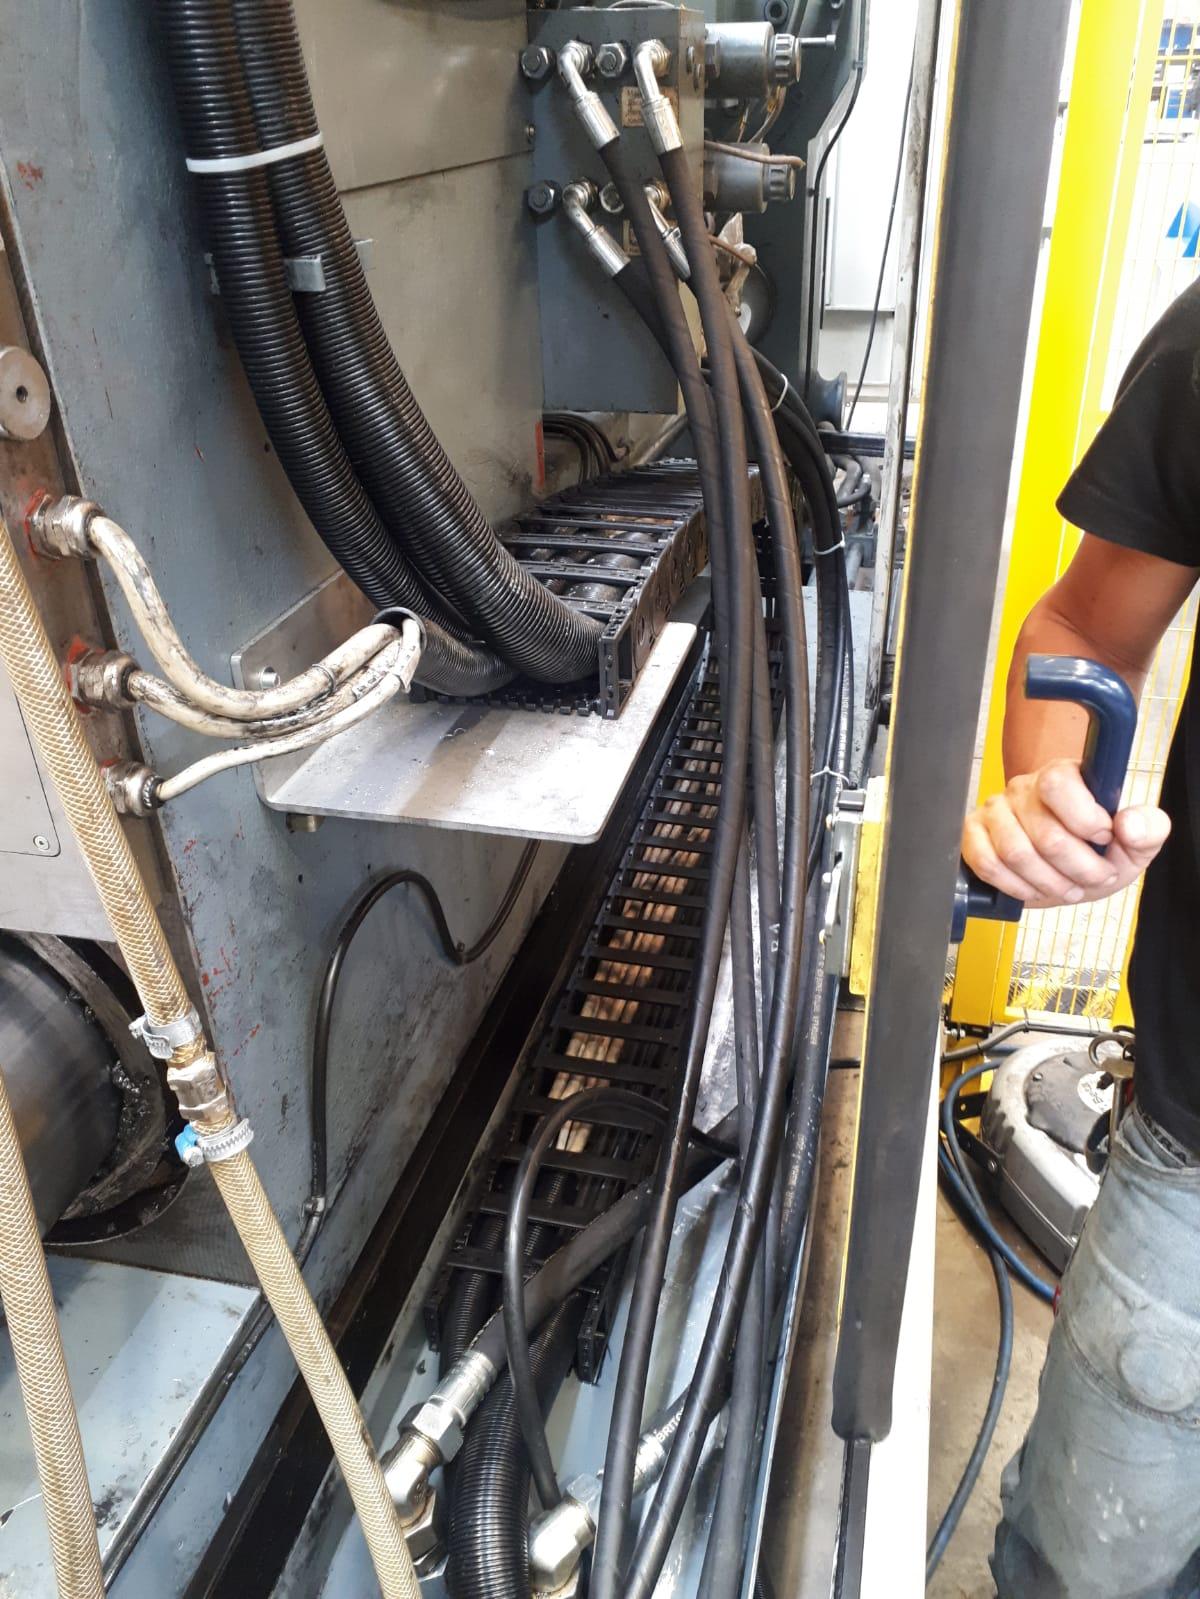 canalina mobile per impianto elettrico industriale, Busto Arsizio (Varese)